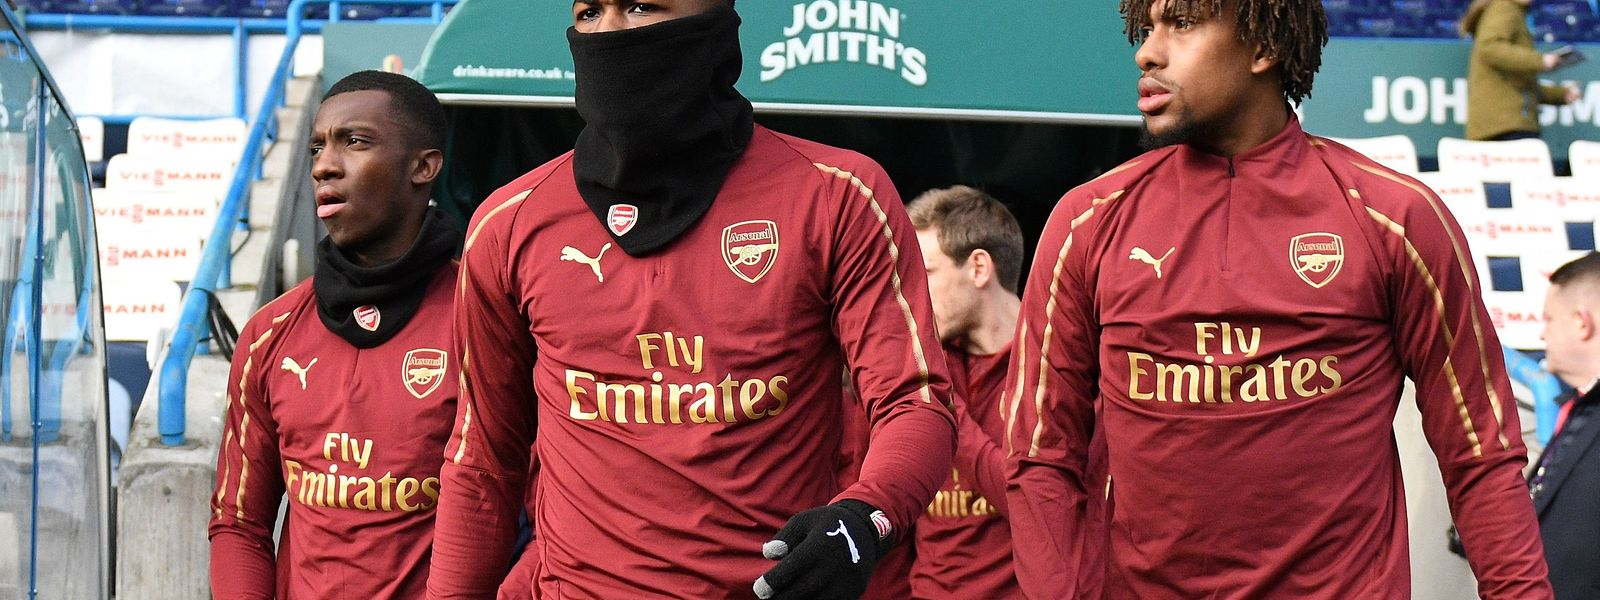 Ainsley Maitland-Niles et le Nigérian Alex Iwobi seront en déplacement au BATE Borisov avec Arsenal, ce jeudi en Europa League